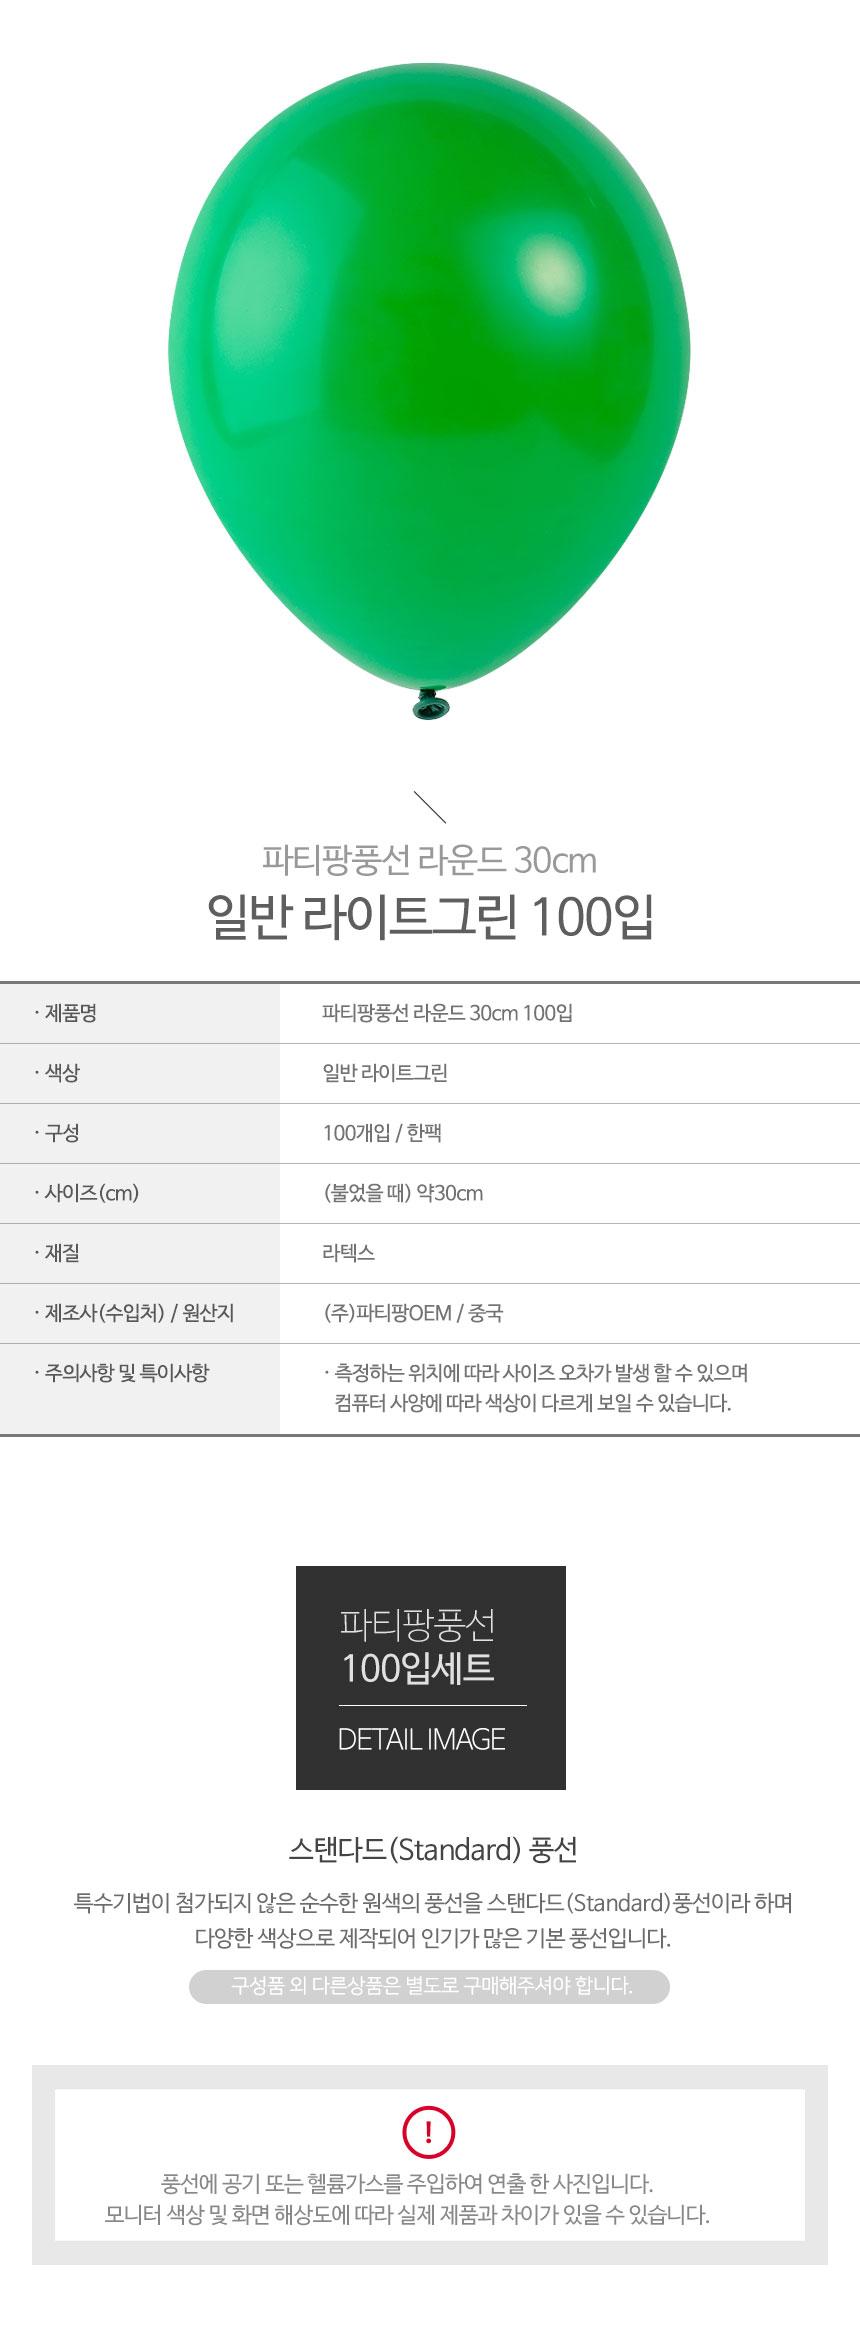 파티팡풍선 라운드 30cm 일반 라이트그린 100입 _partypang - 파티팡, 12,000원, 파티용품, 풍선/세트